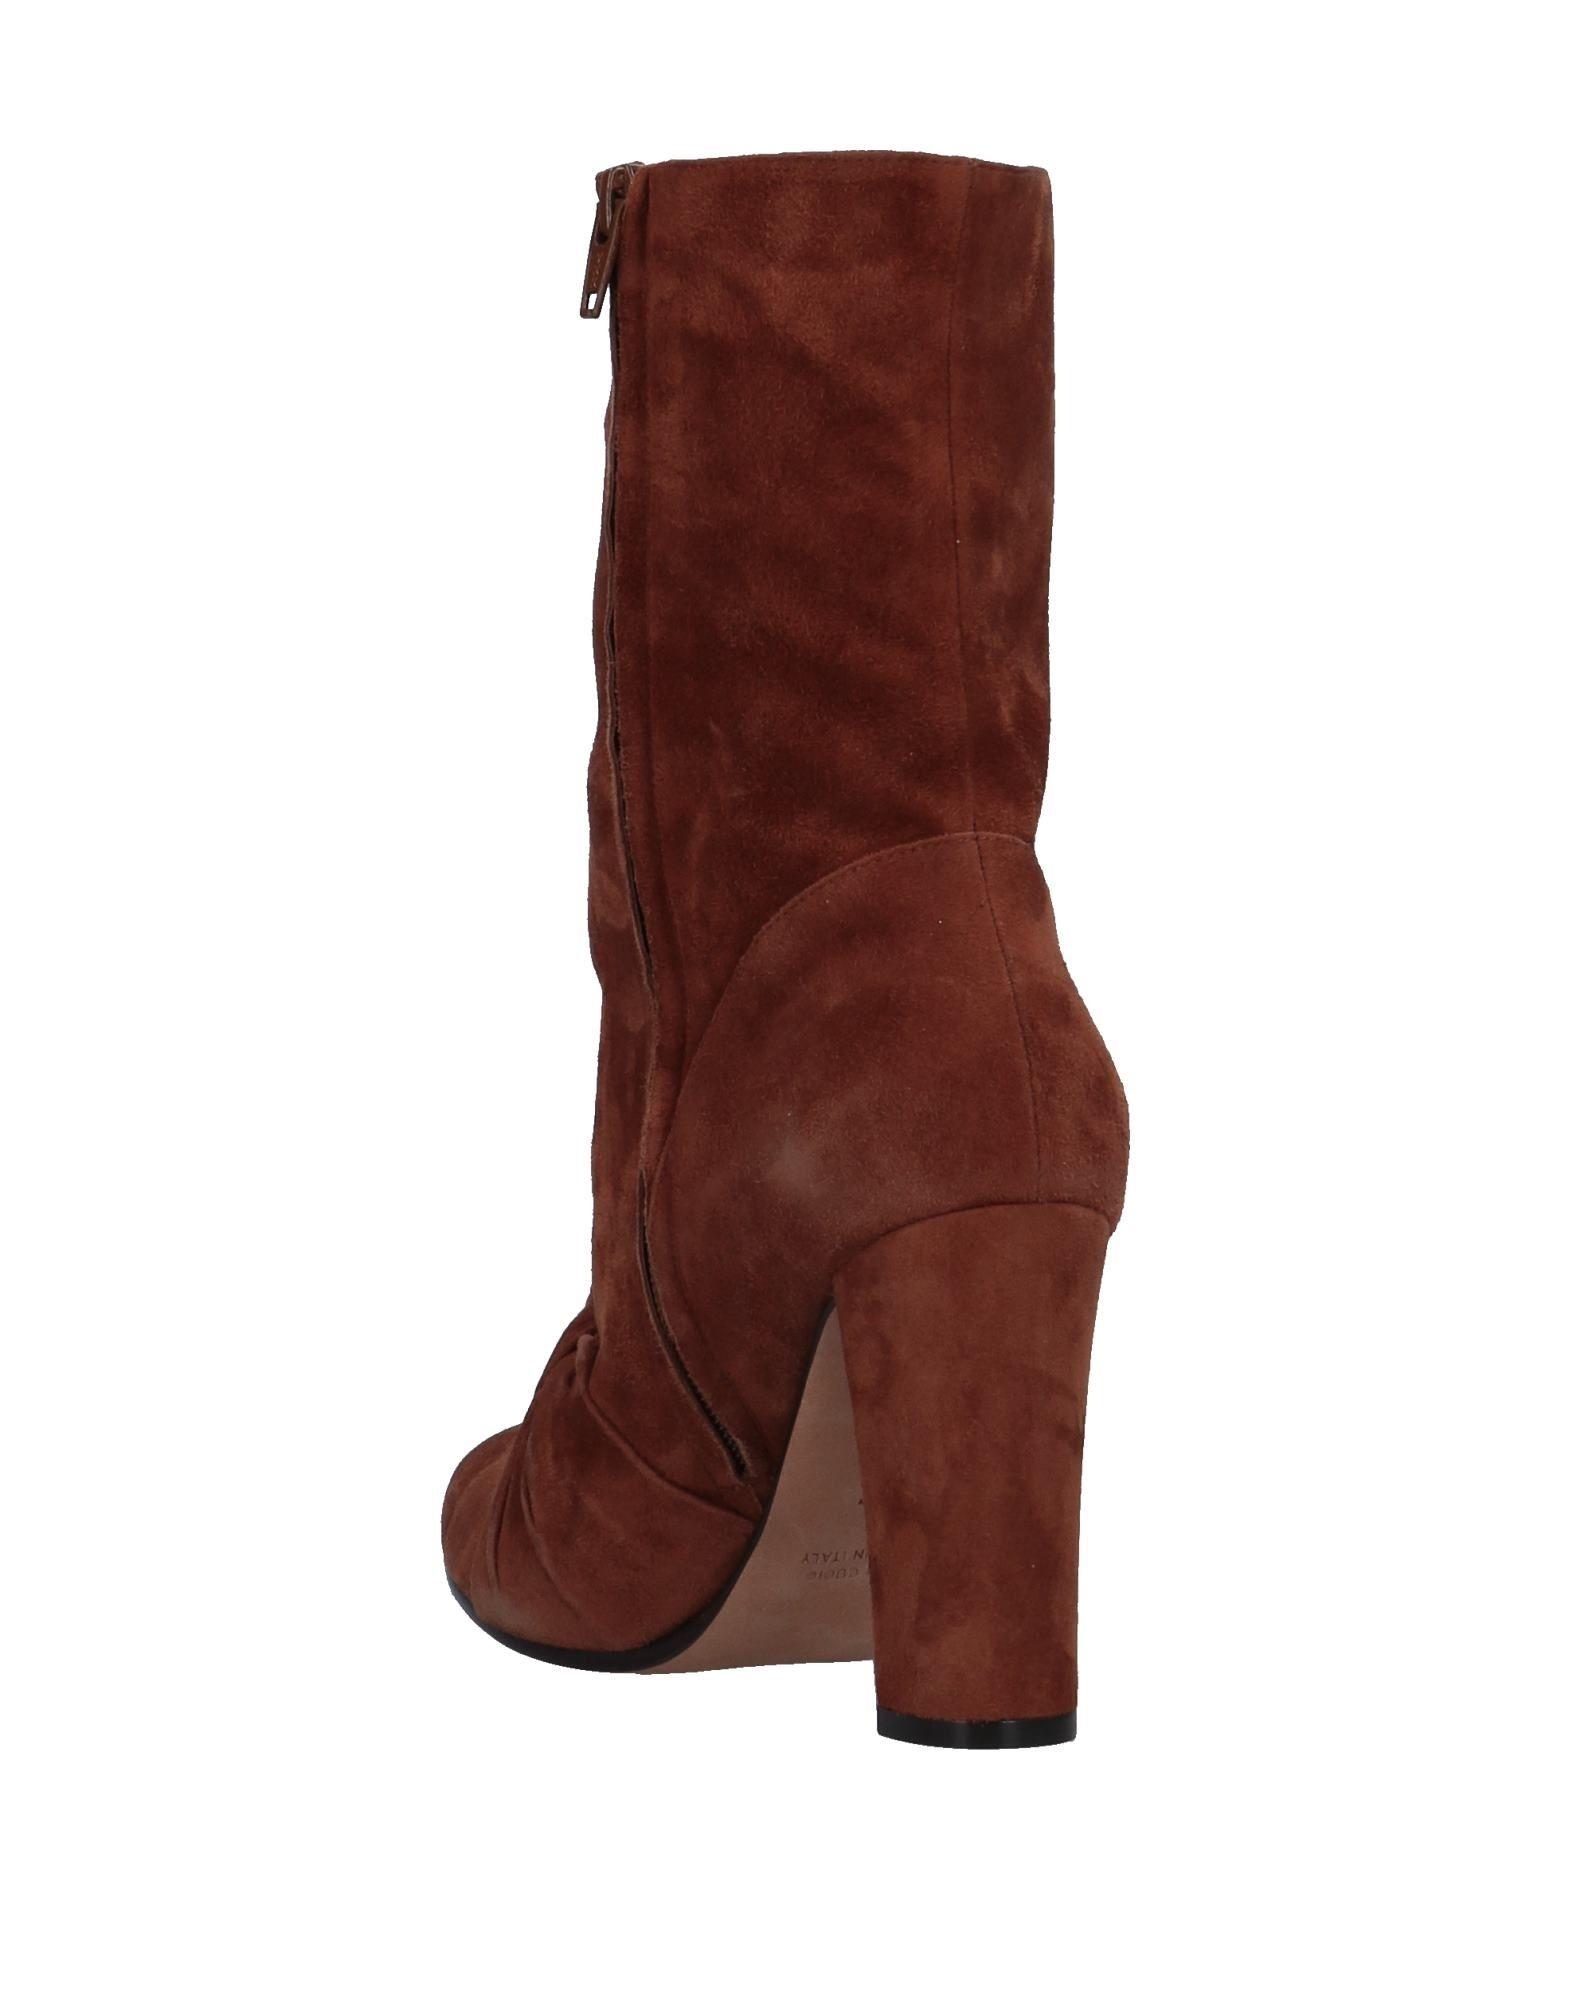 Haltbare Haltbare Haltbare Mode billige Schuhe Jean 11537862CA Beliebte Schuhe 2b154b